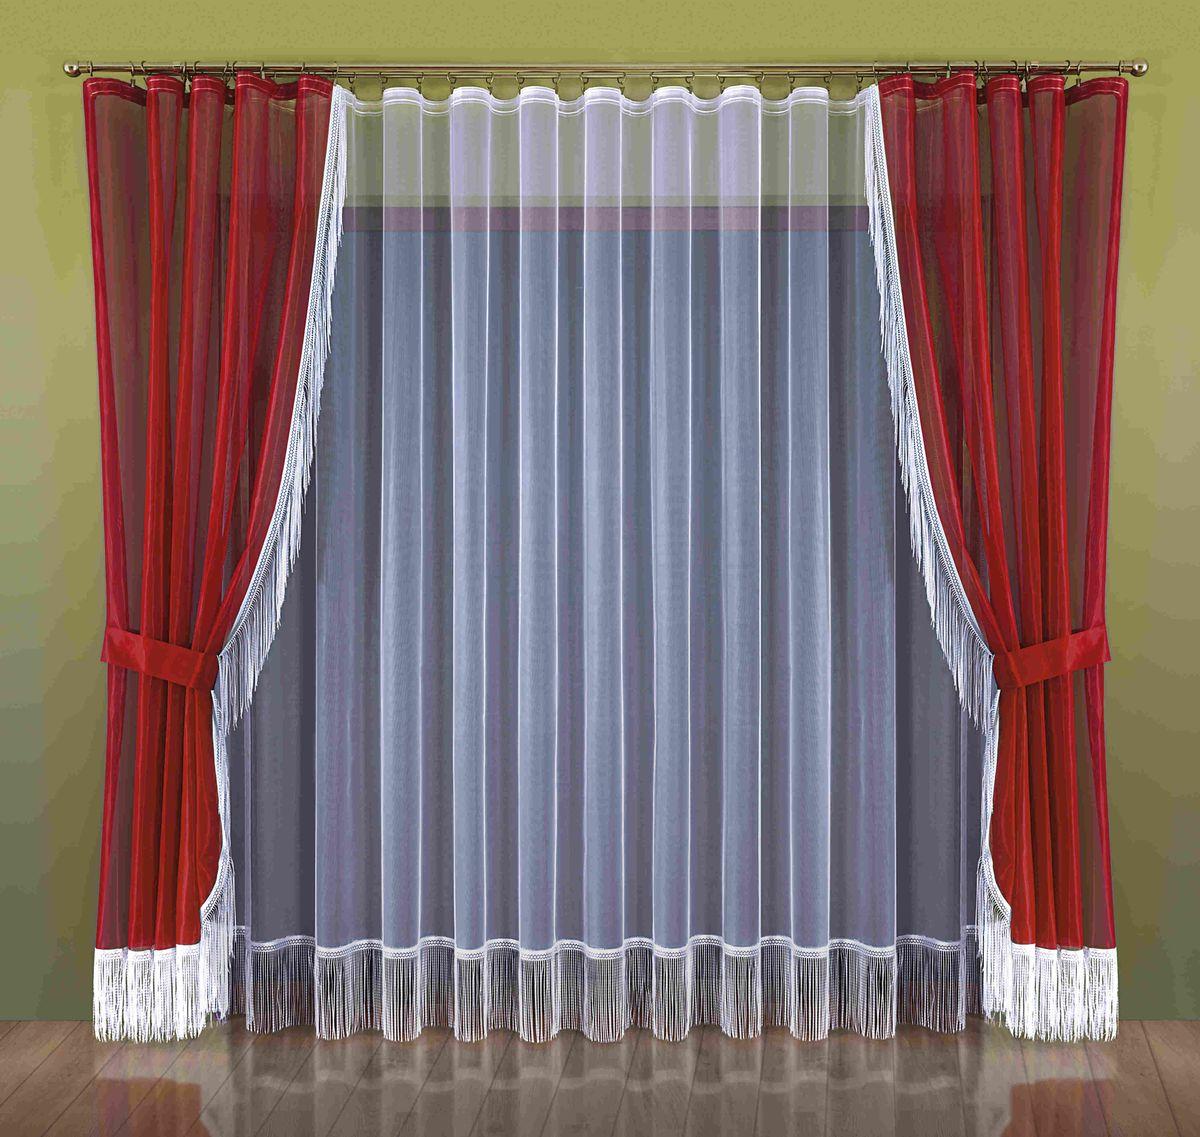 Комплект штор Wisan Hana, на ленте, цвет: белый, бордо, высота 250 см263WКомплект штор Wisan Hana, выполненный из полиэстера, великолепно украсит окно в гостиной или спальне. В комплект входят 2 шторы, тюль и 2 подхвата. Бахрома придает комплекту особый стиль и шарм. Тонкое плетение, нежная цветовая гамма и роскошное исполнение - все это делает шторы Wisan Hana замечательным дополнением интерьера помещения. Шторы оснащены шторной лентой для красивой сборки, а также двумя подхватами. В комплект входит: Штора - 2 шт. Размер (ШхВ): 150 см х 250 см. Тюль - 1 шт. Размер (ШхВ): 300 см х 250 см. Подхват - 2 шт.